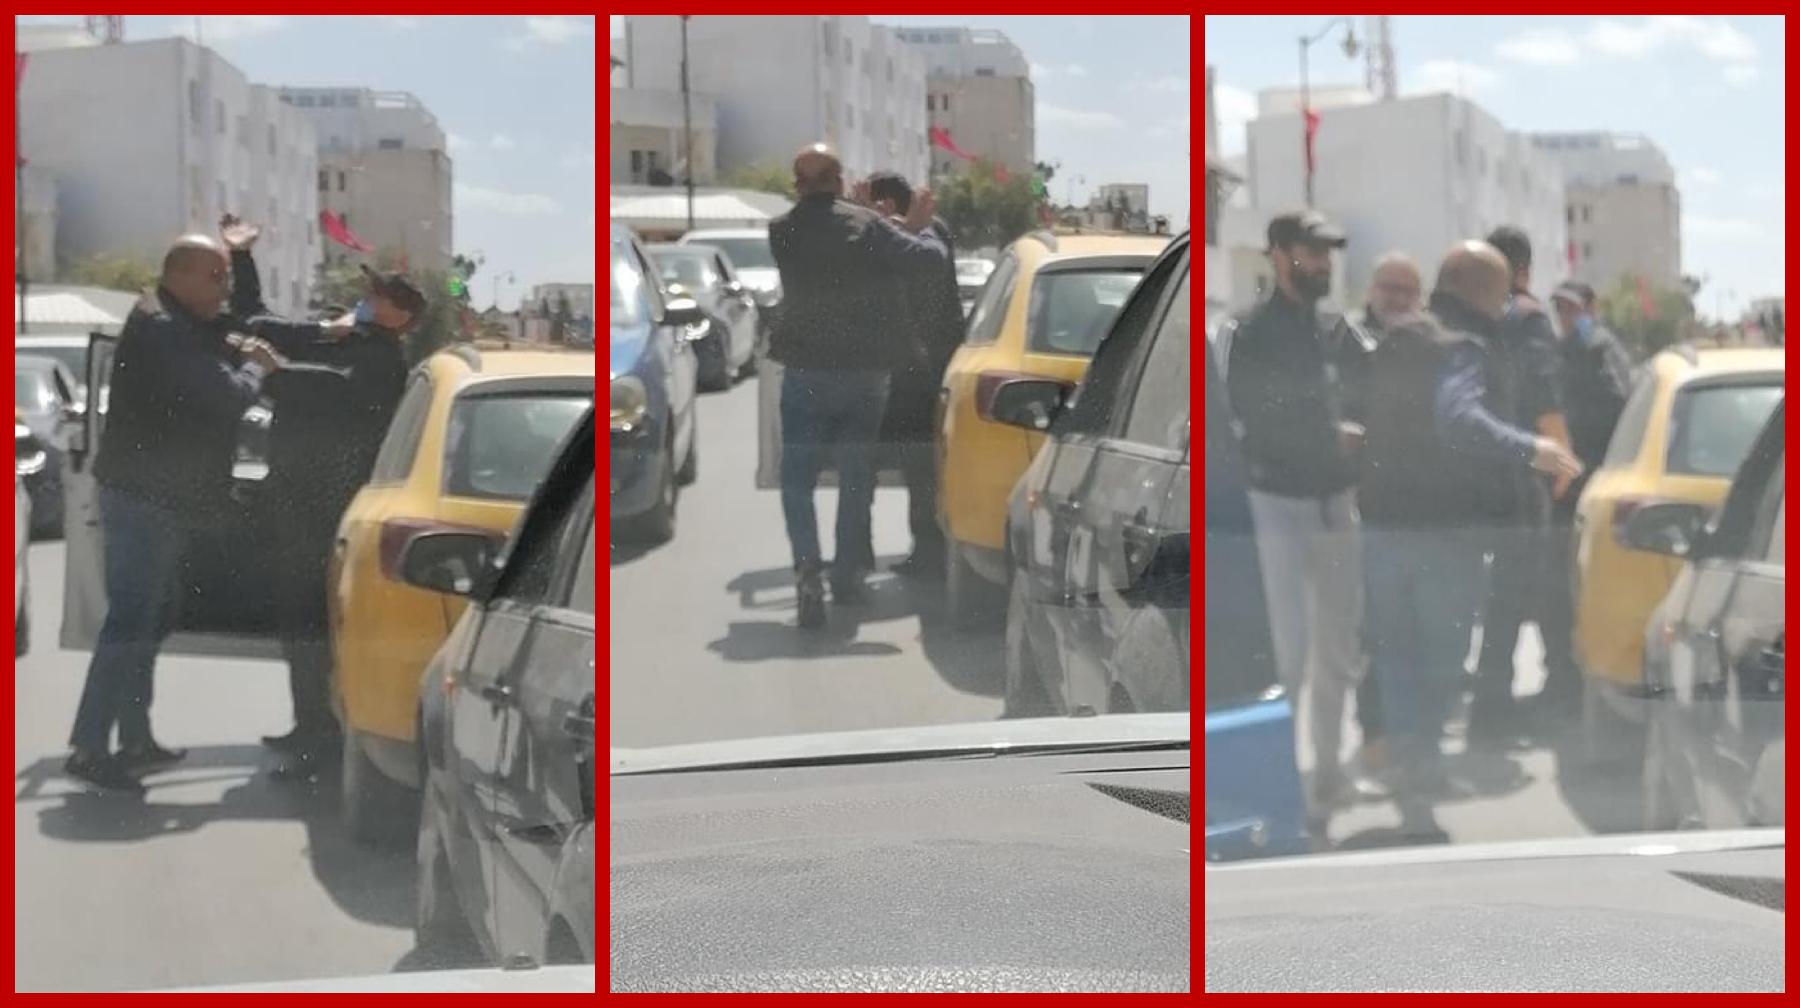 بالصور: تشابك و ضرب و مضروب بين رجلين في الطريق العام في أول أيام رمضان